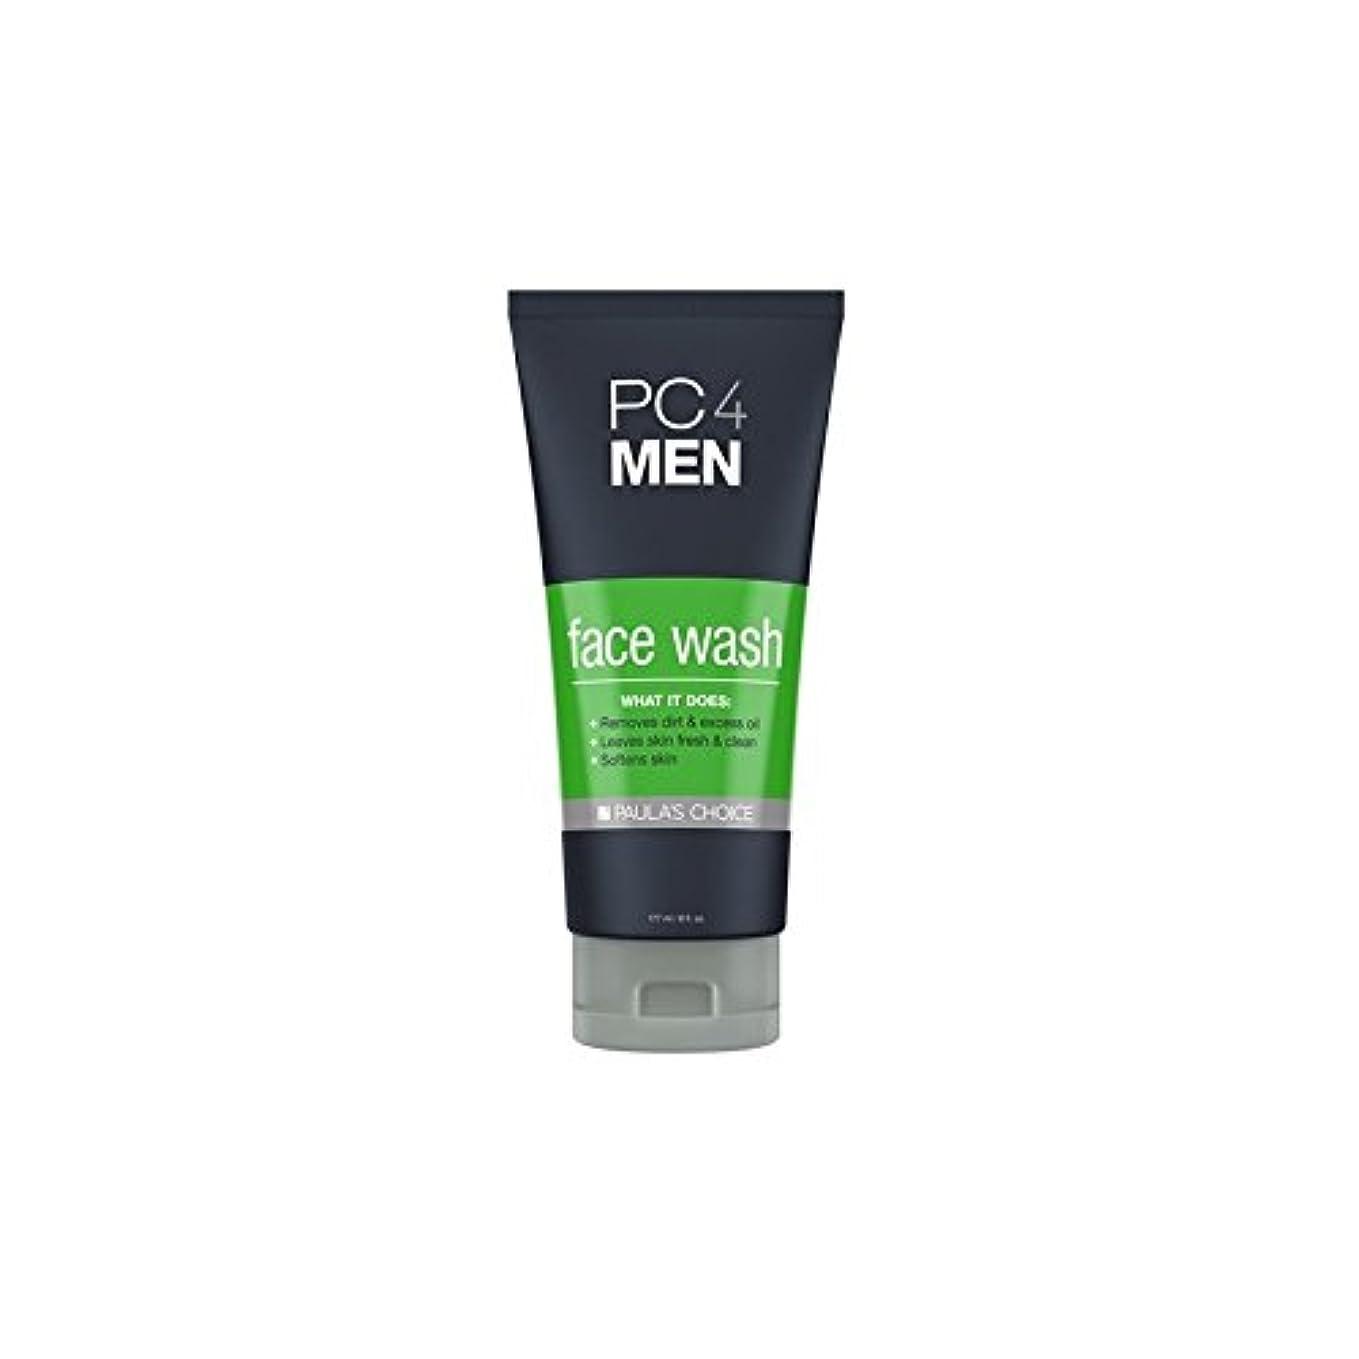 アルファベット事務所親指Paula's Choice Pc4Men Face Wash (177ml) - ポーラチョイス4の洗顔料(177ミリリットル) [並行輸入品]